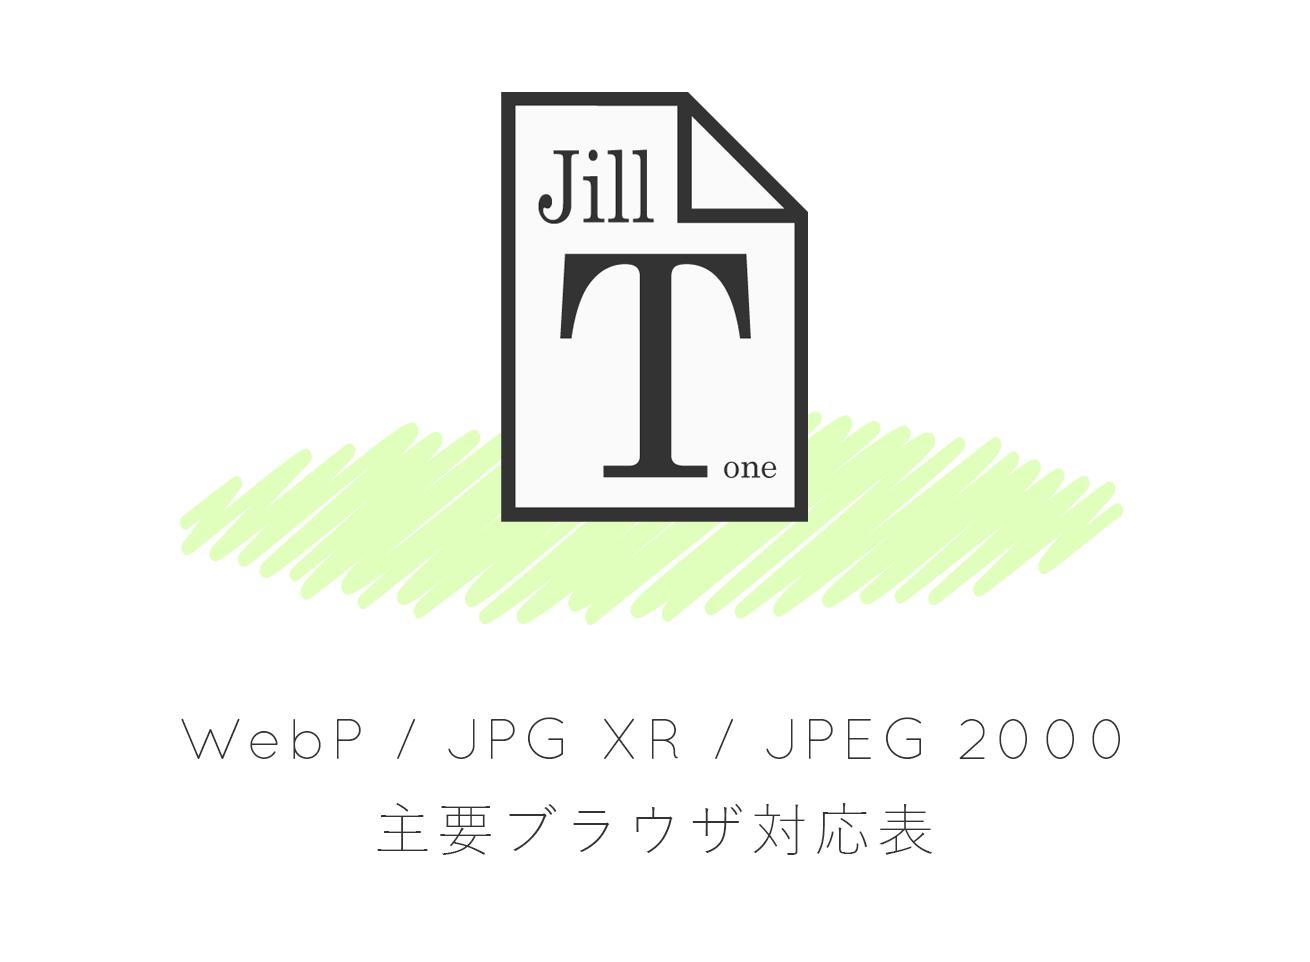 WebP、JPEG2000、JPEGXR対応表アイキャッチ